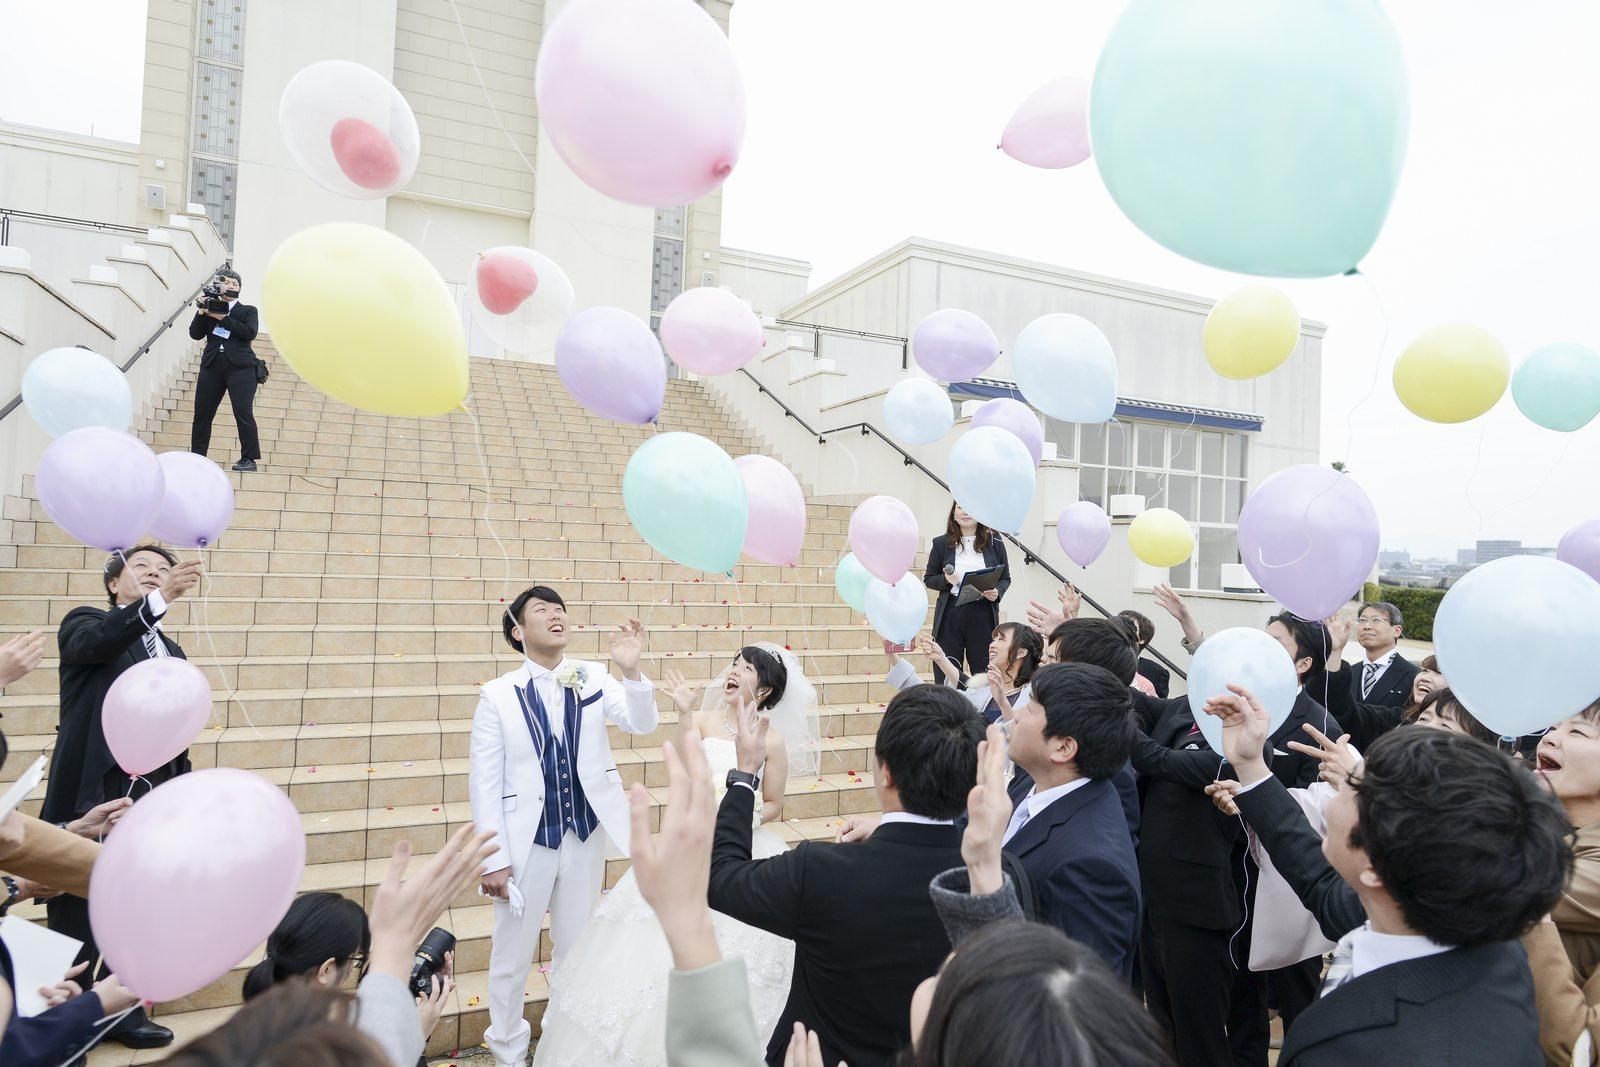 徳島市の結婚式場ブランアンジュのアフターセレモニーでバルーンリリース